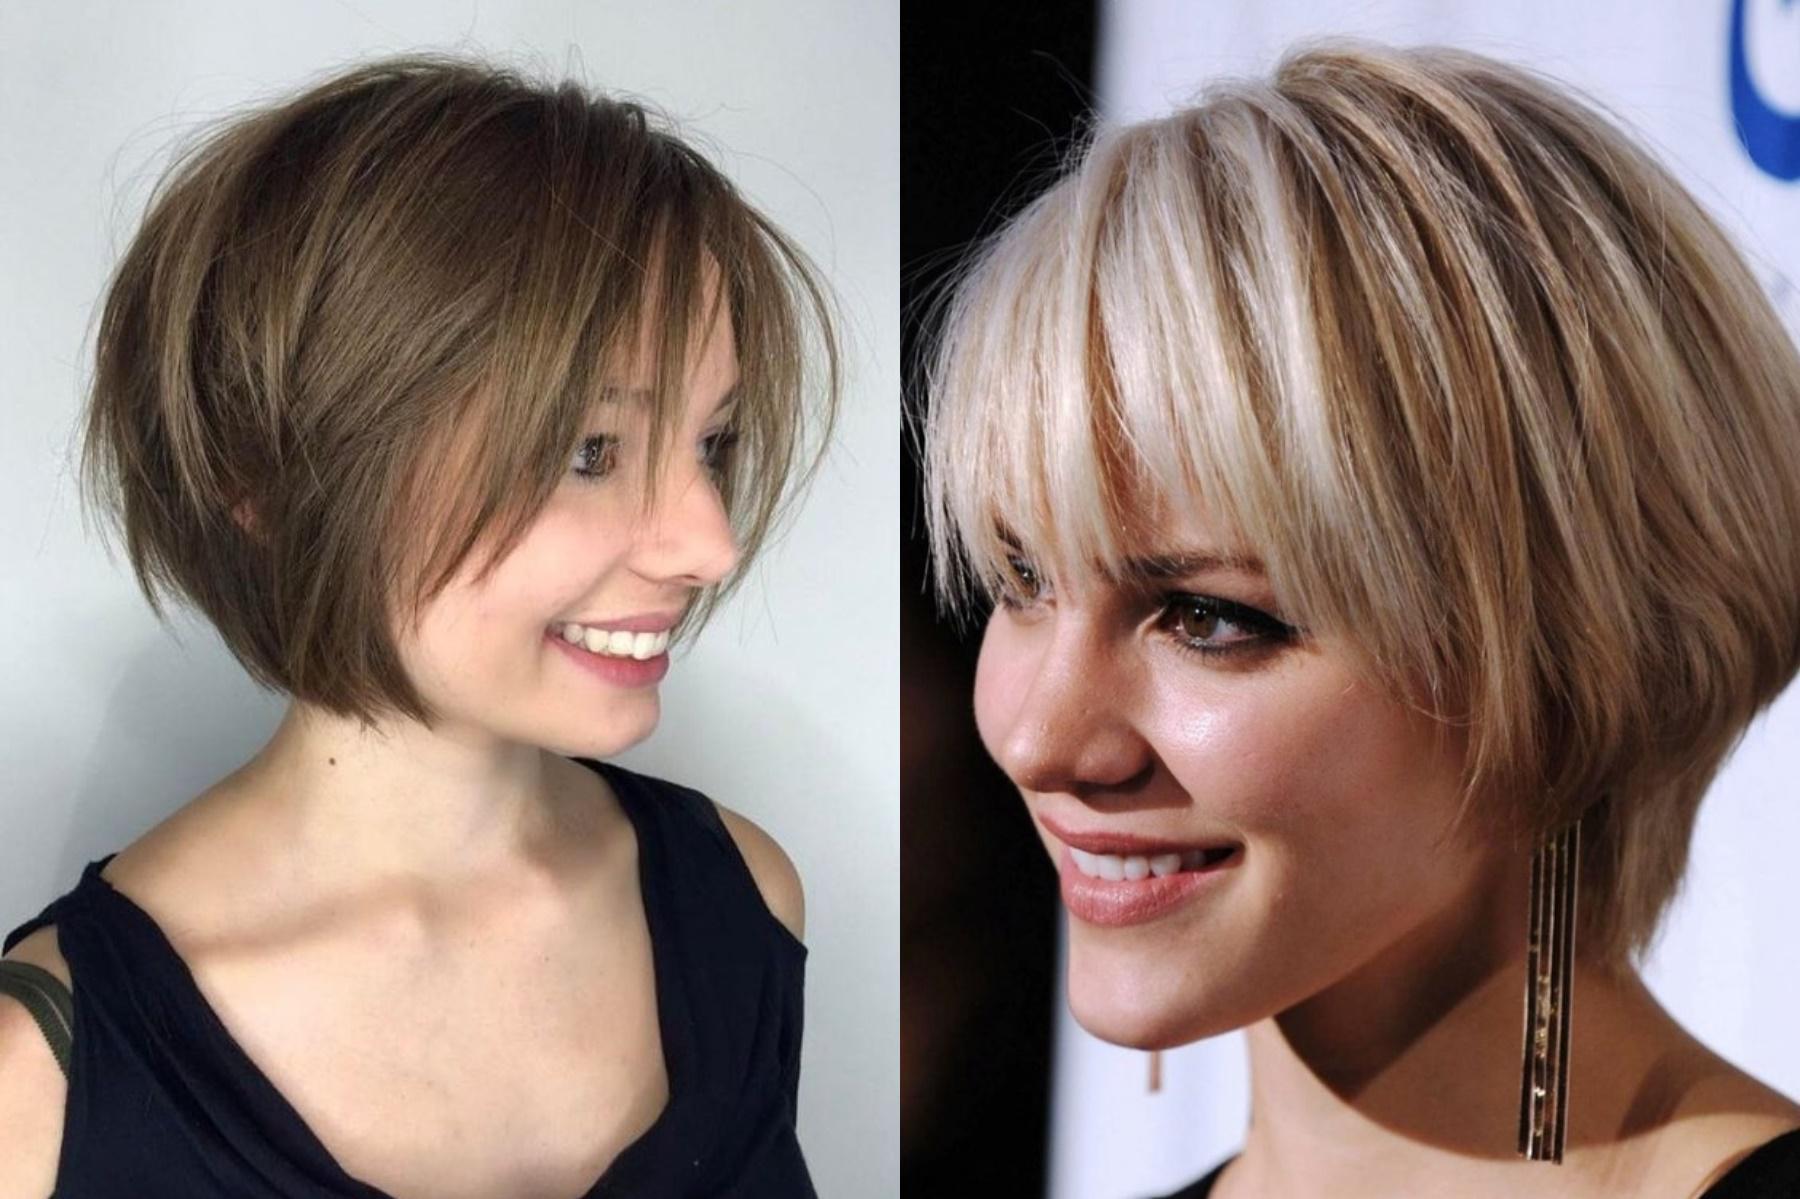 image2-168 | Модные женские стрижки на короткие волосы: основные правила и варианты исполнения